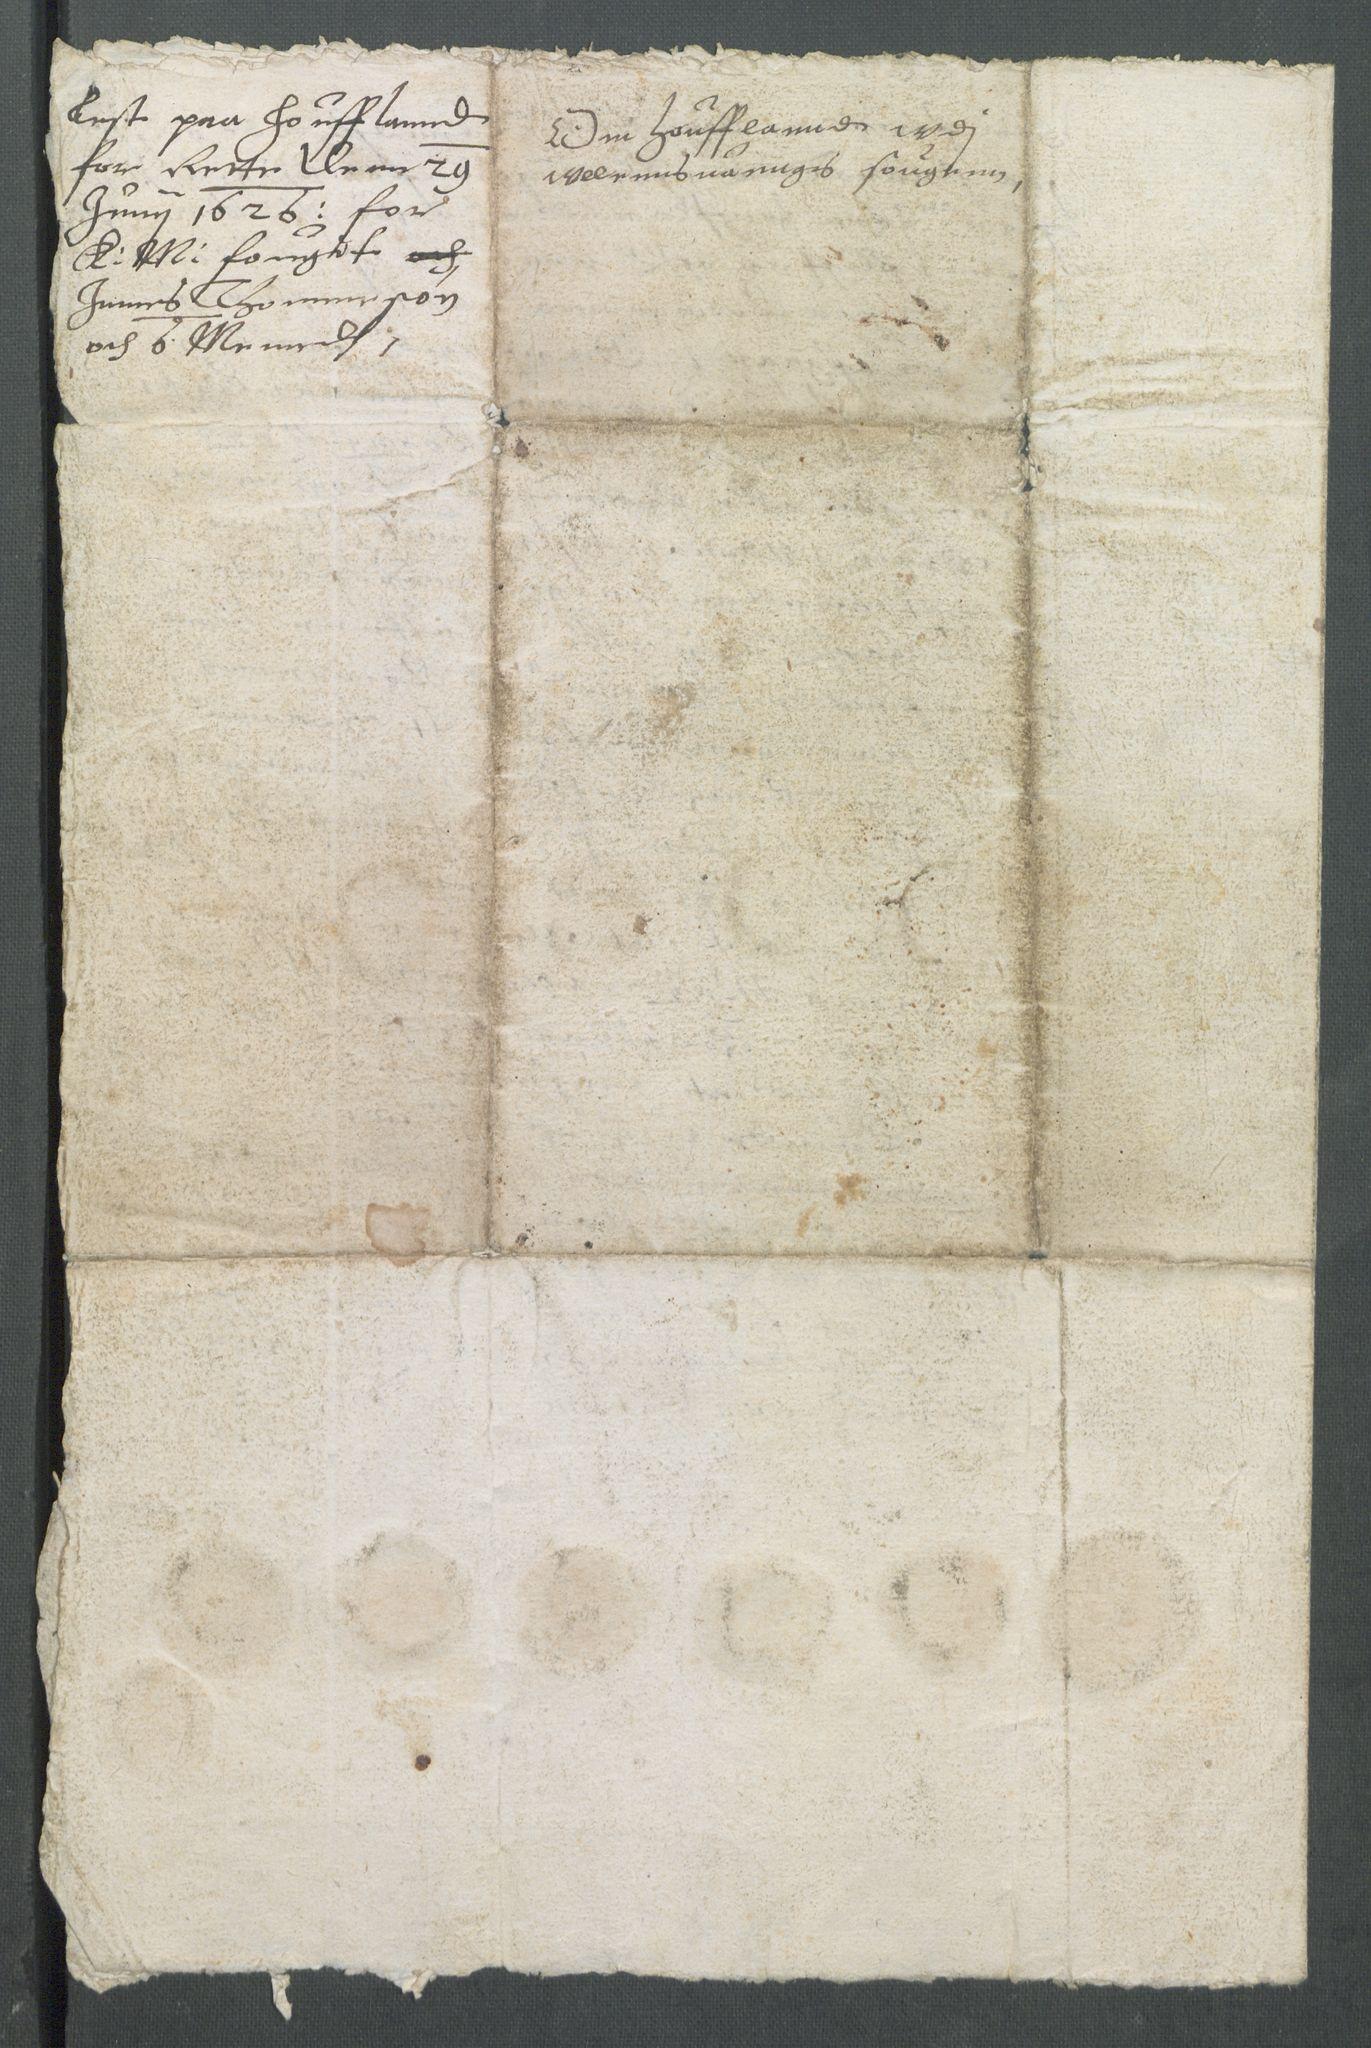 RA, Riksarkivets diplomsamling, F02/L0133: Dokumenter, 1624, s. 83